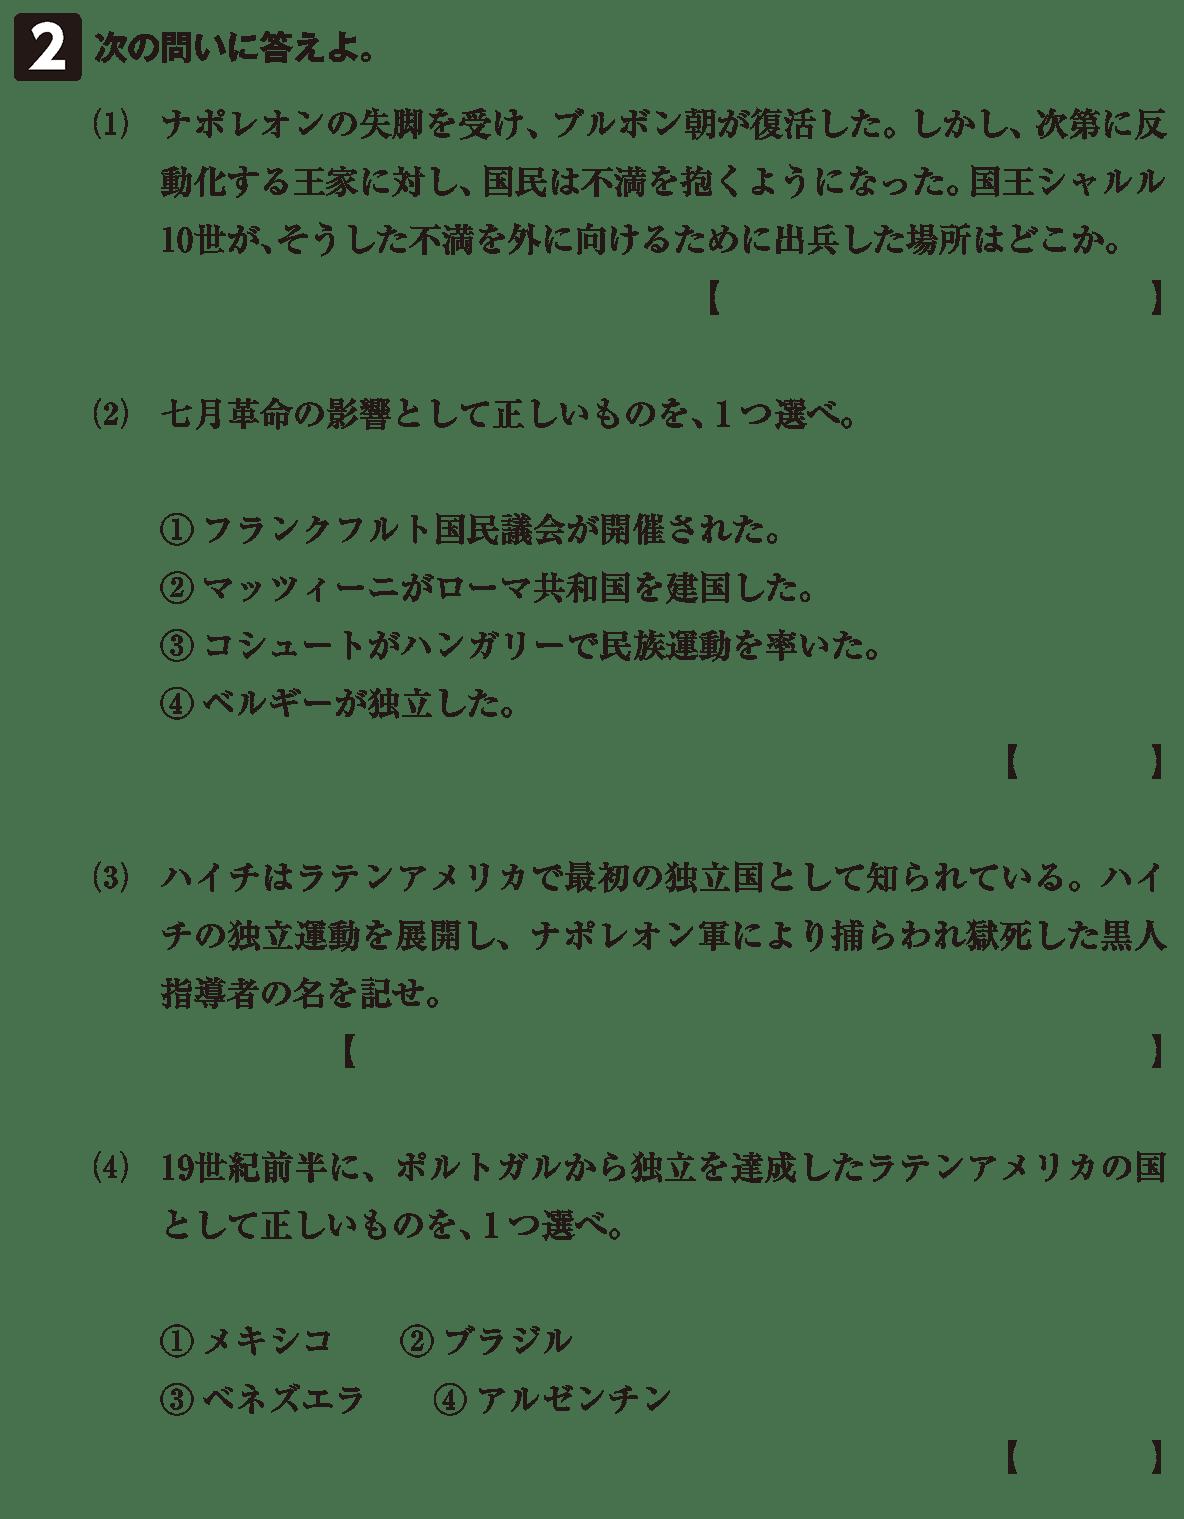 高校世界史 ウィーン体制の成立と崩壊6 確認テスト(後半)問2